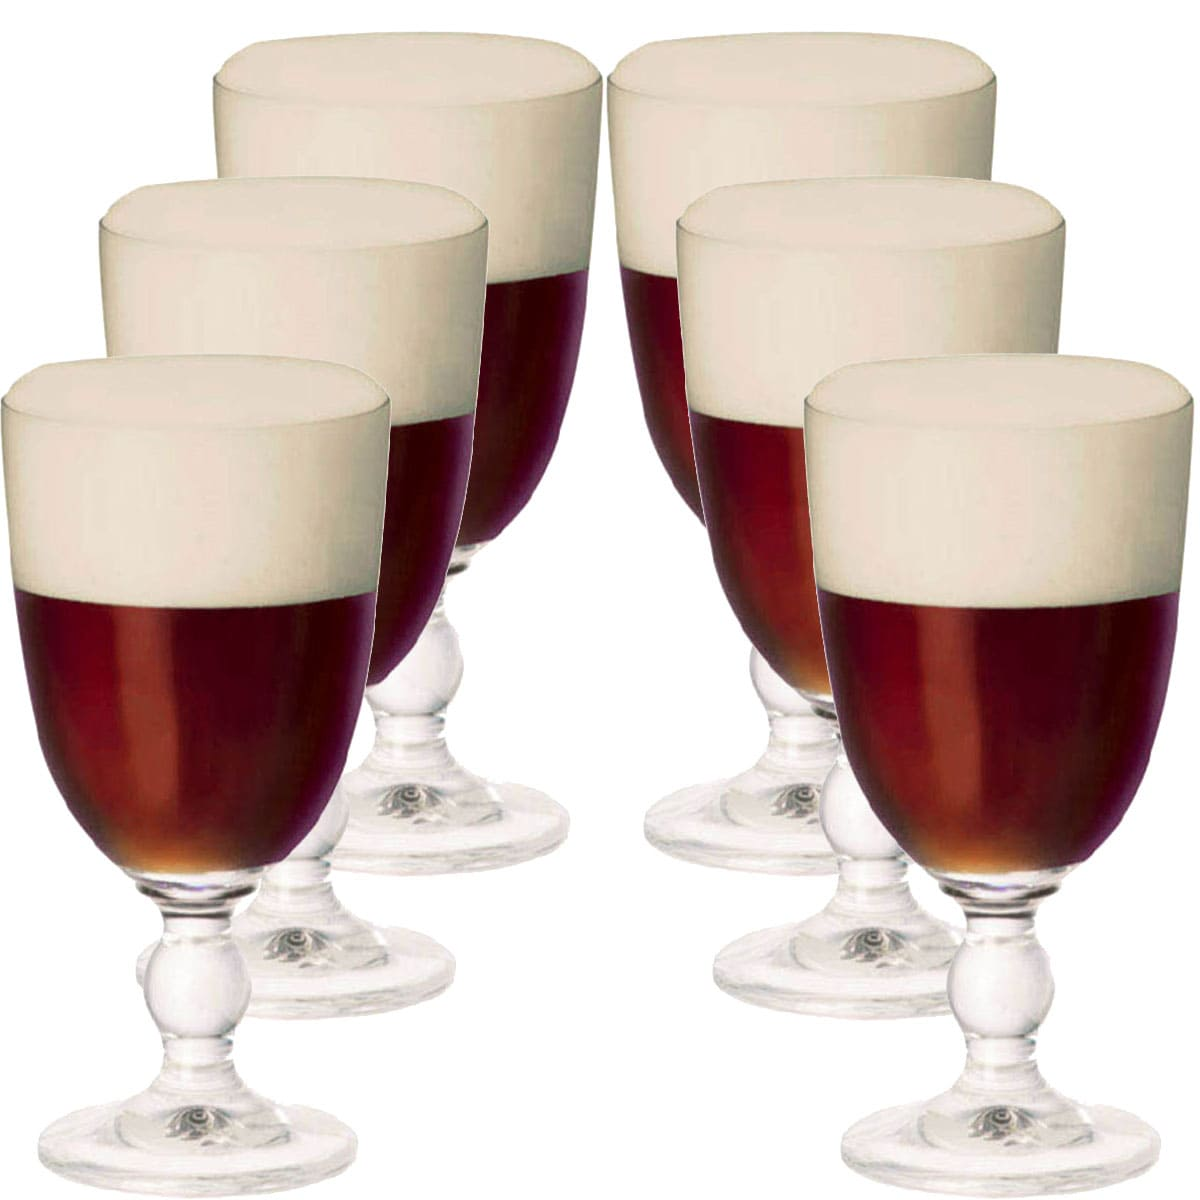 Taça de Cerveja de Cristal Globet Carolus 365ml 6 Pcs